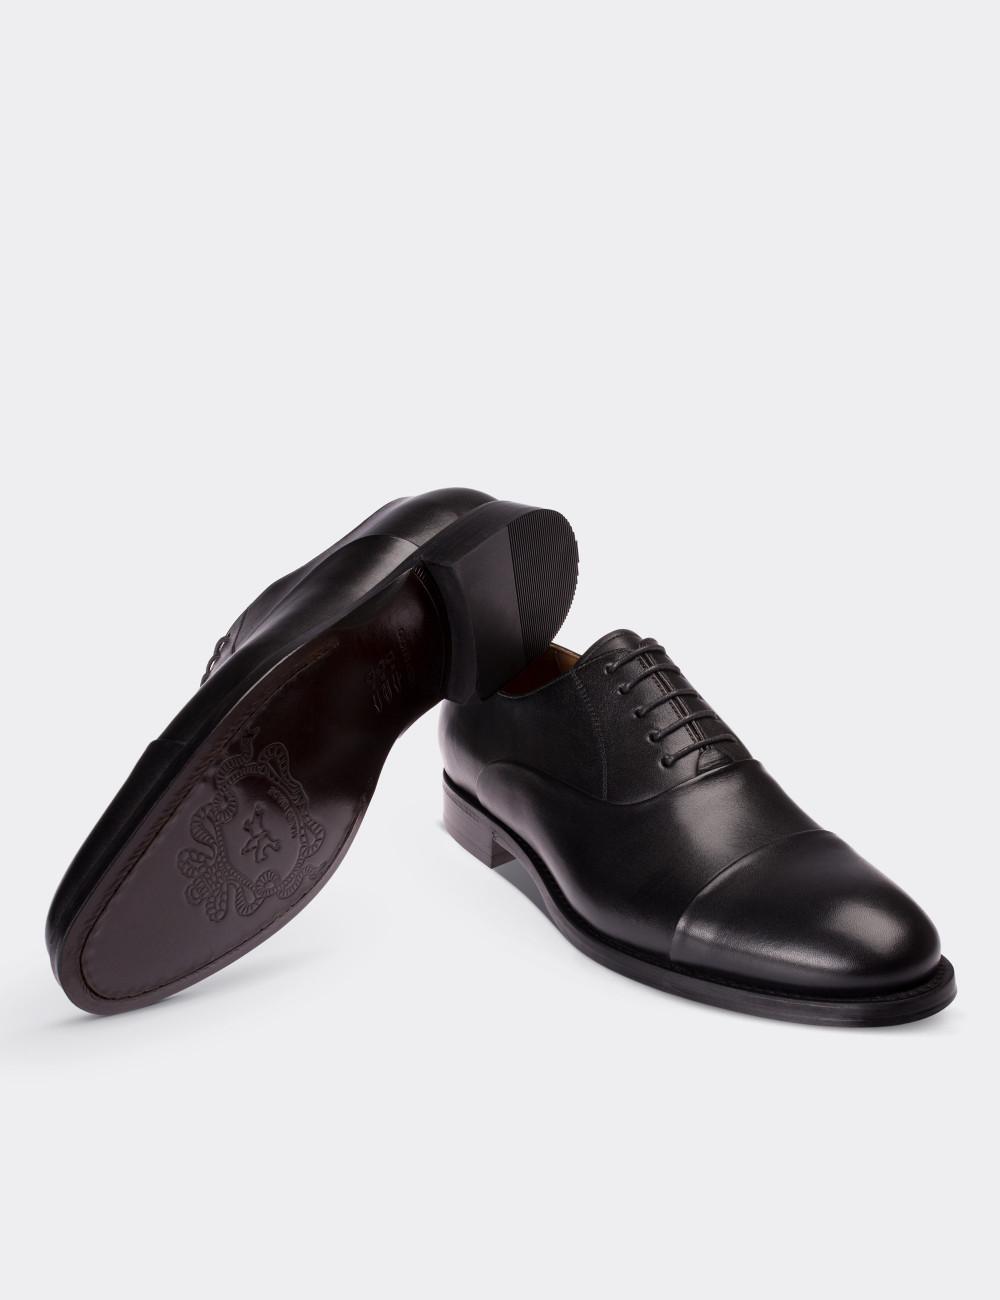 Hakiki Deri Özel Üretim Siyah Kösele Ayakkabı - 64410MSYHK01